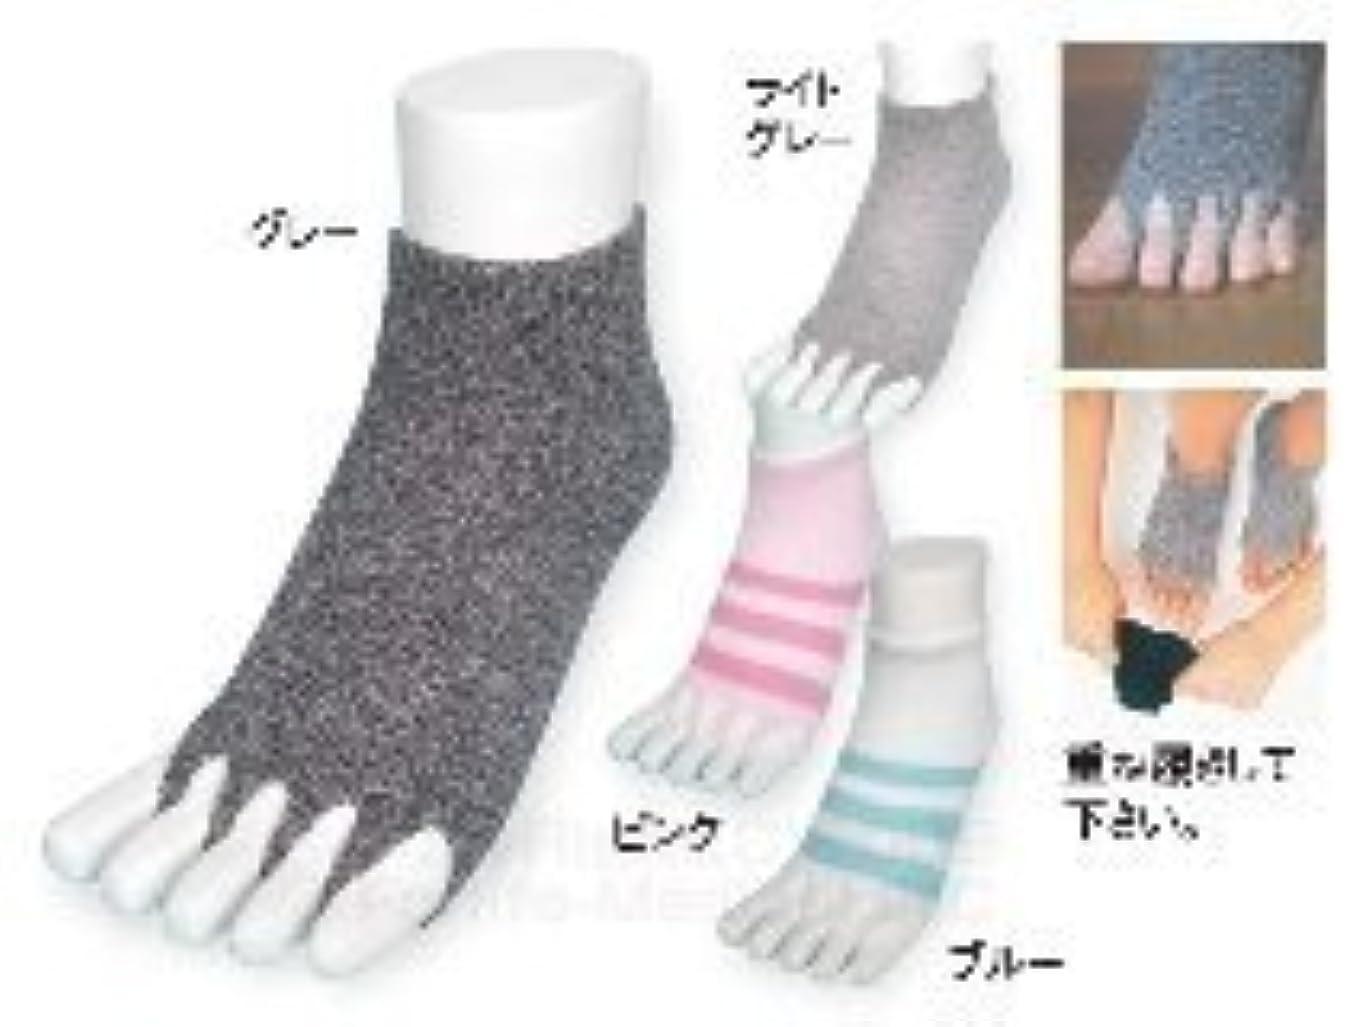 足音ゆるく航海の指ぬき健康ソックス / M グレー(23~25cm) 2足組